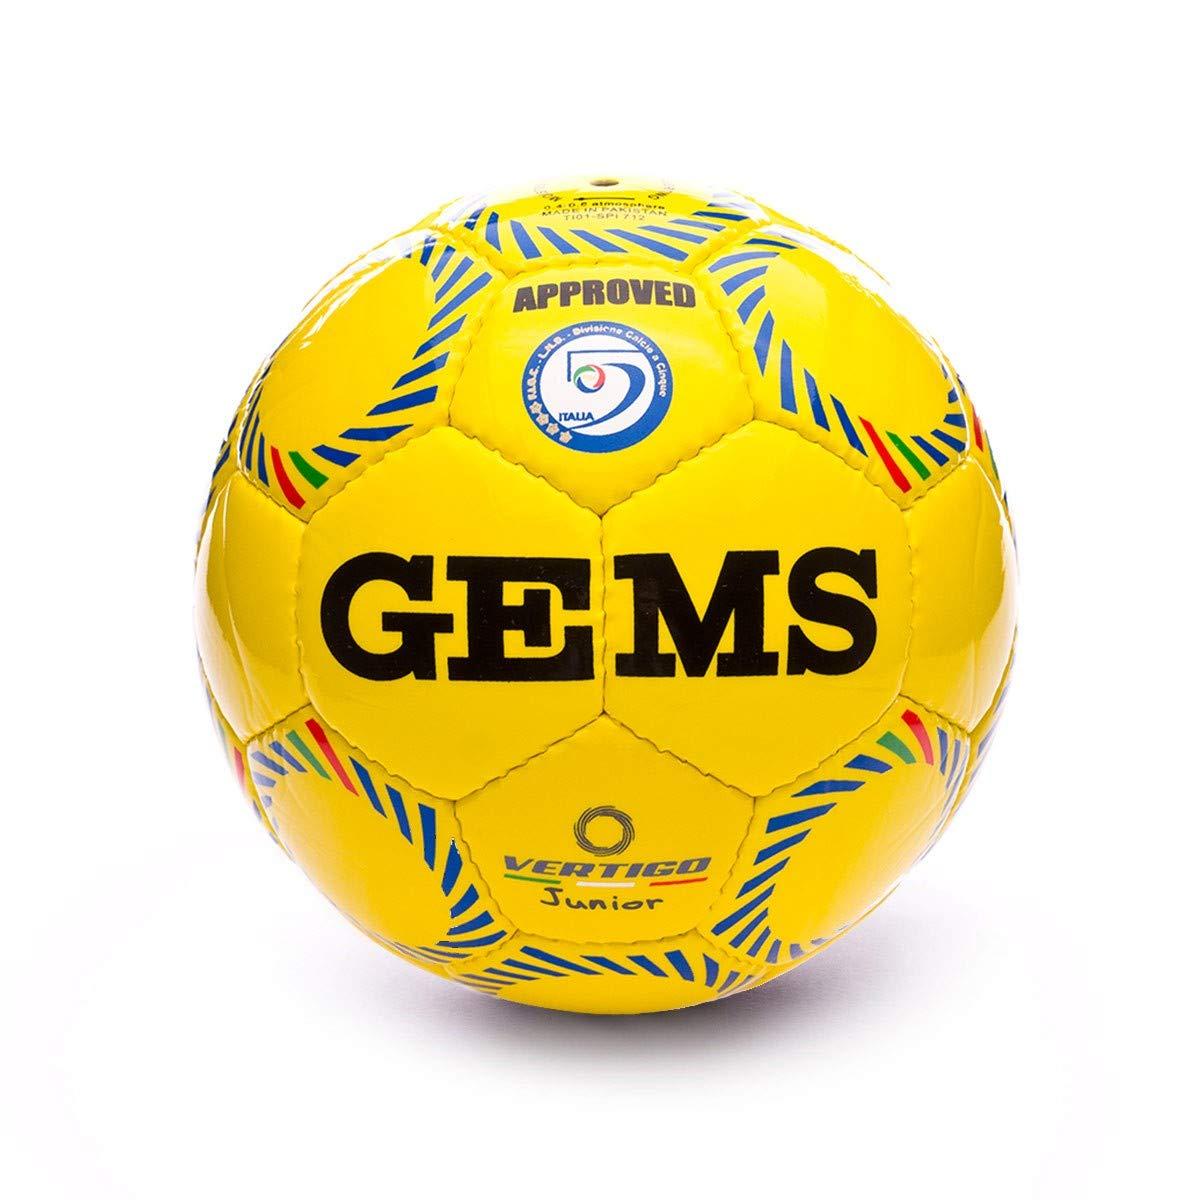 Gems Vertigo Junior, Balón, Amarillo, Talla 3 (58 cm): Amazon.es ...